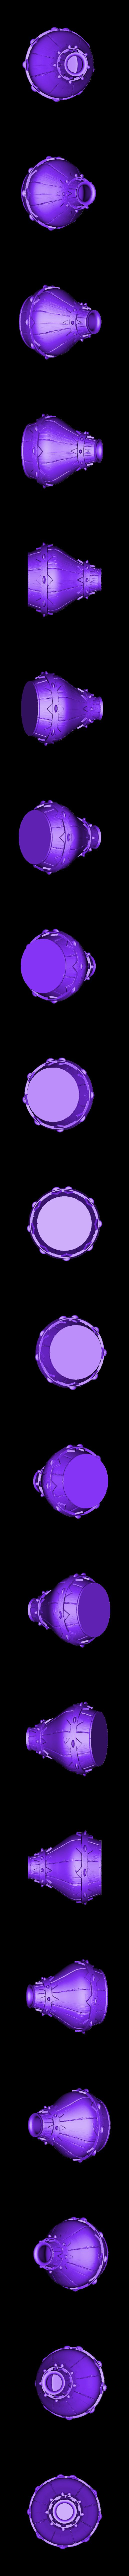 Vase tonneau.stl Télécharger fichier STL X86 Mini vase collection  • Objet imprimable en 3D, motek